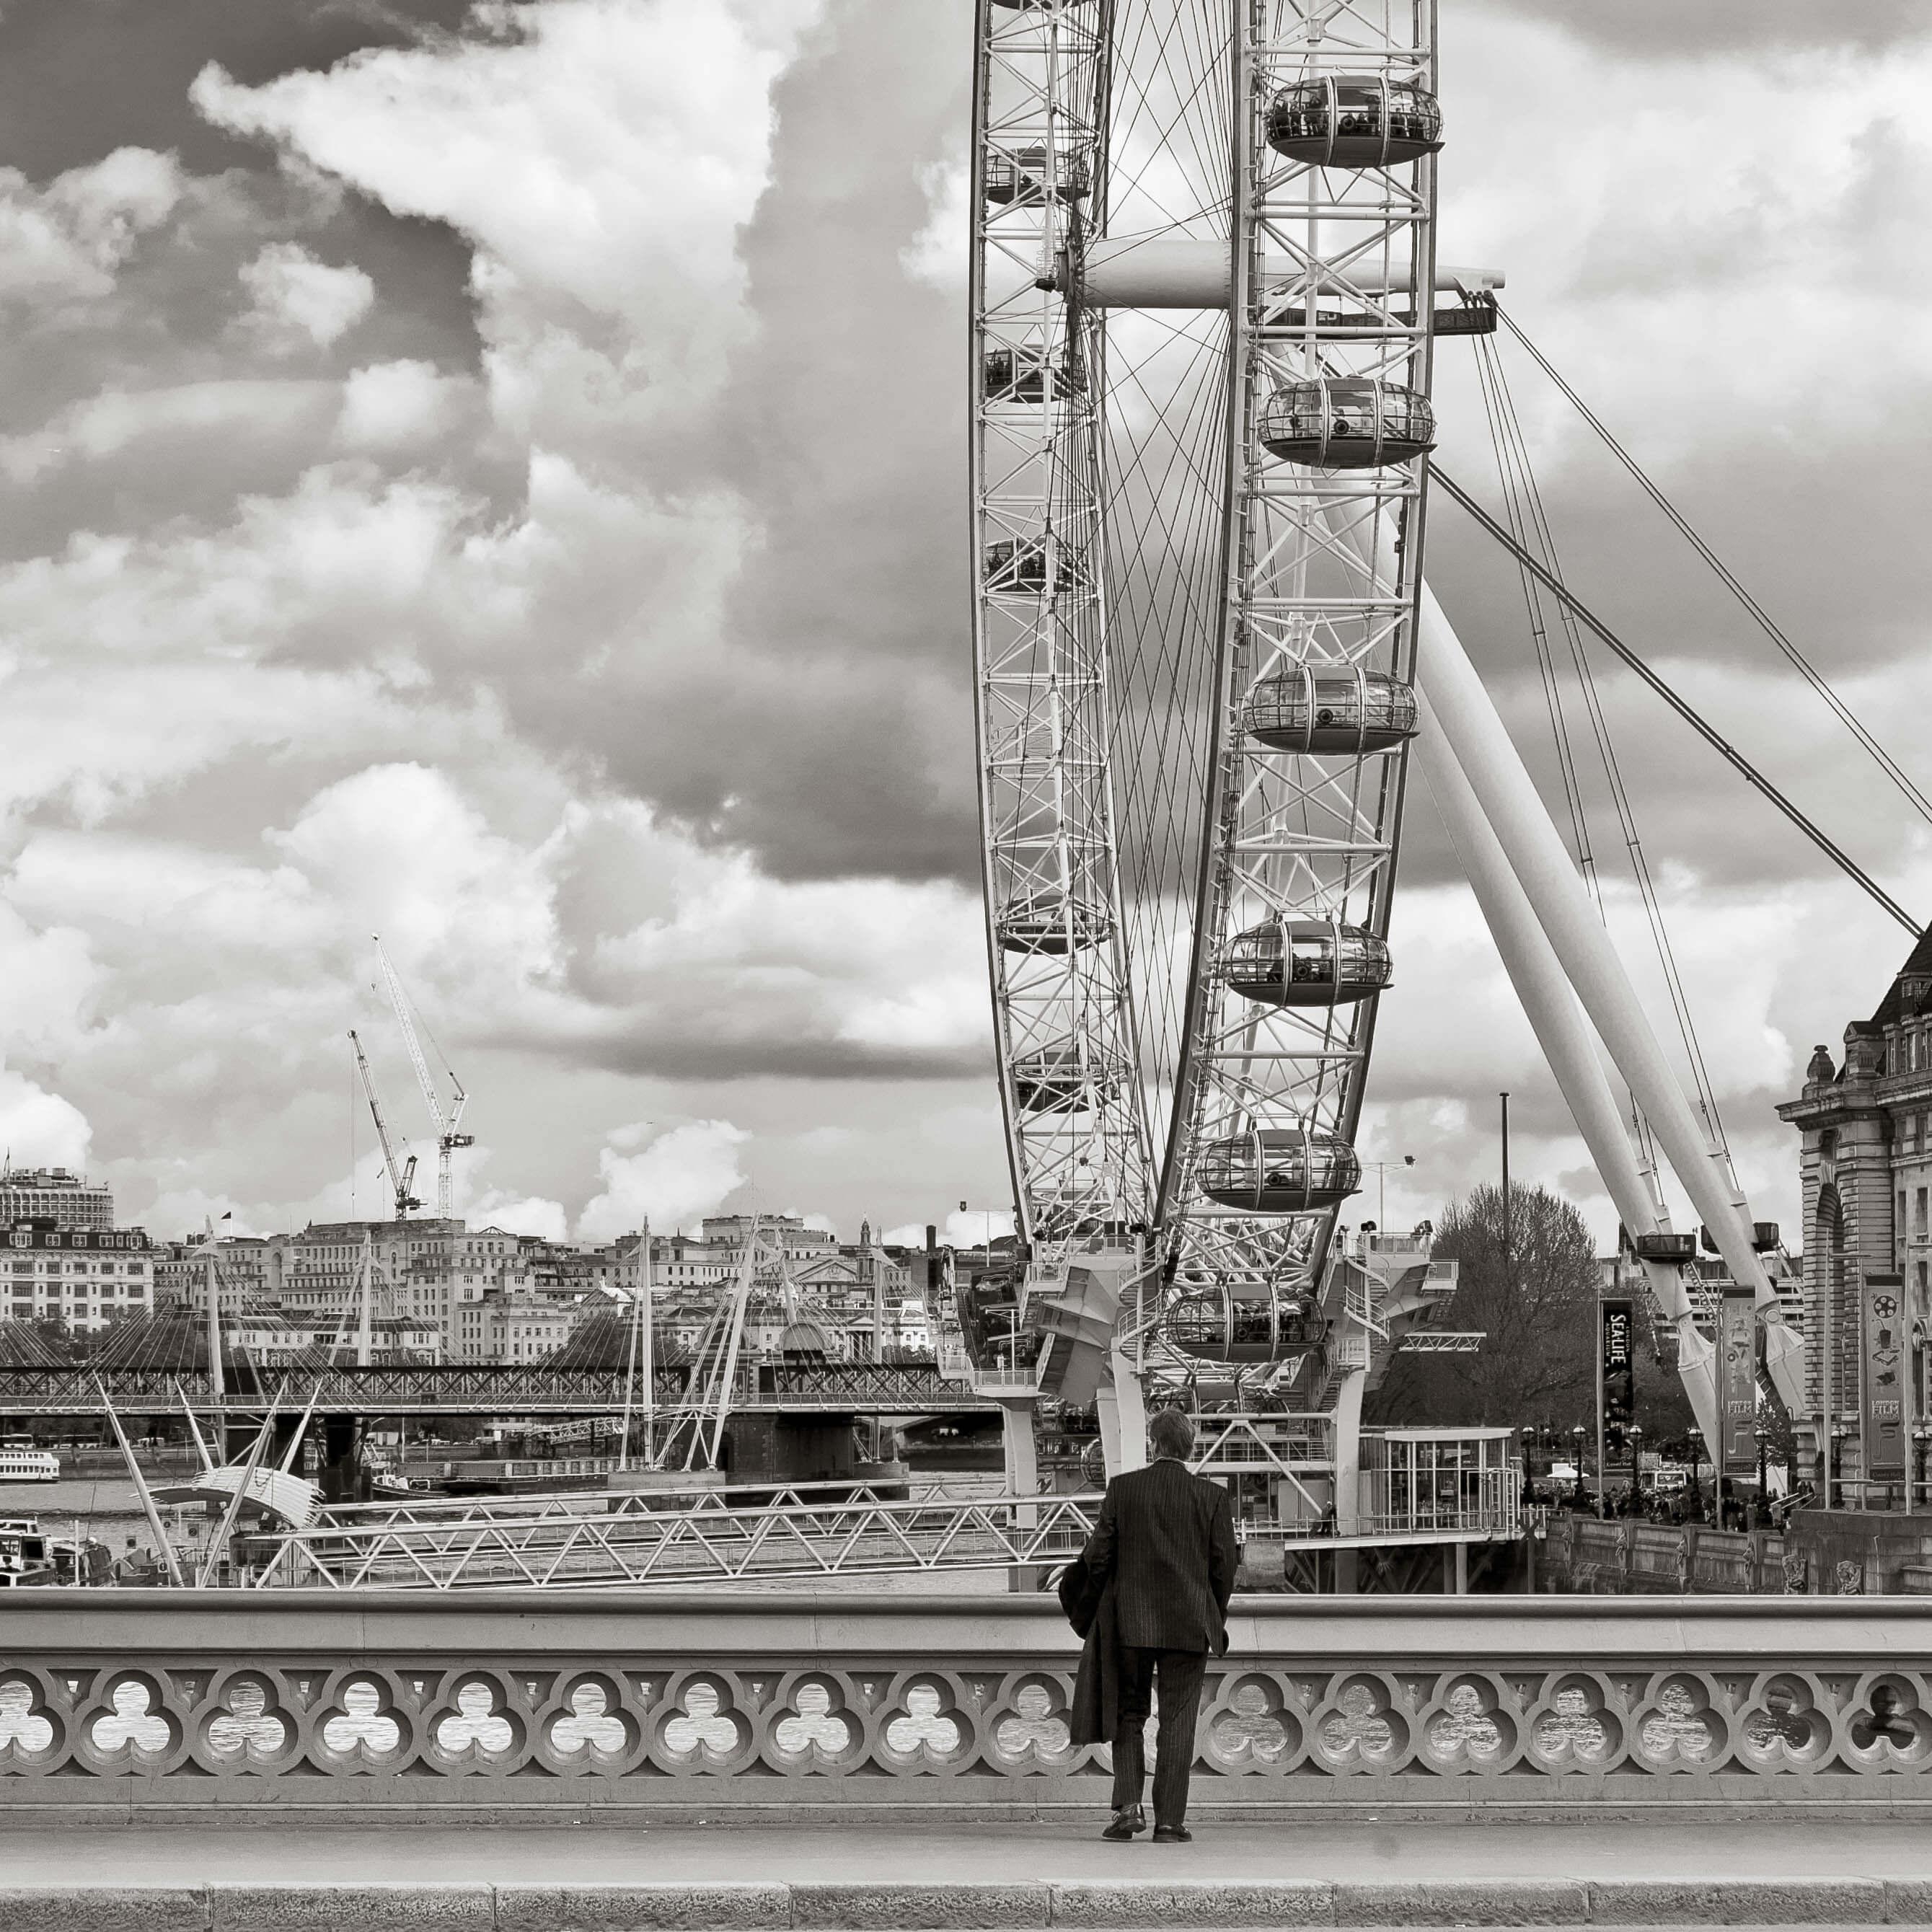 Visiter le London Eye est une belle façon de commencer son escapade à Londres en famille.